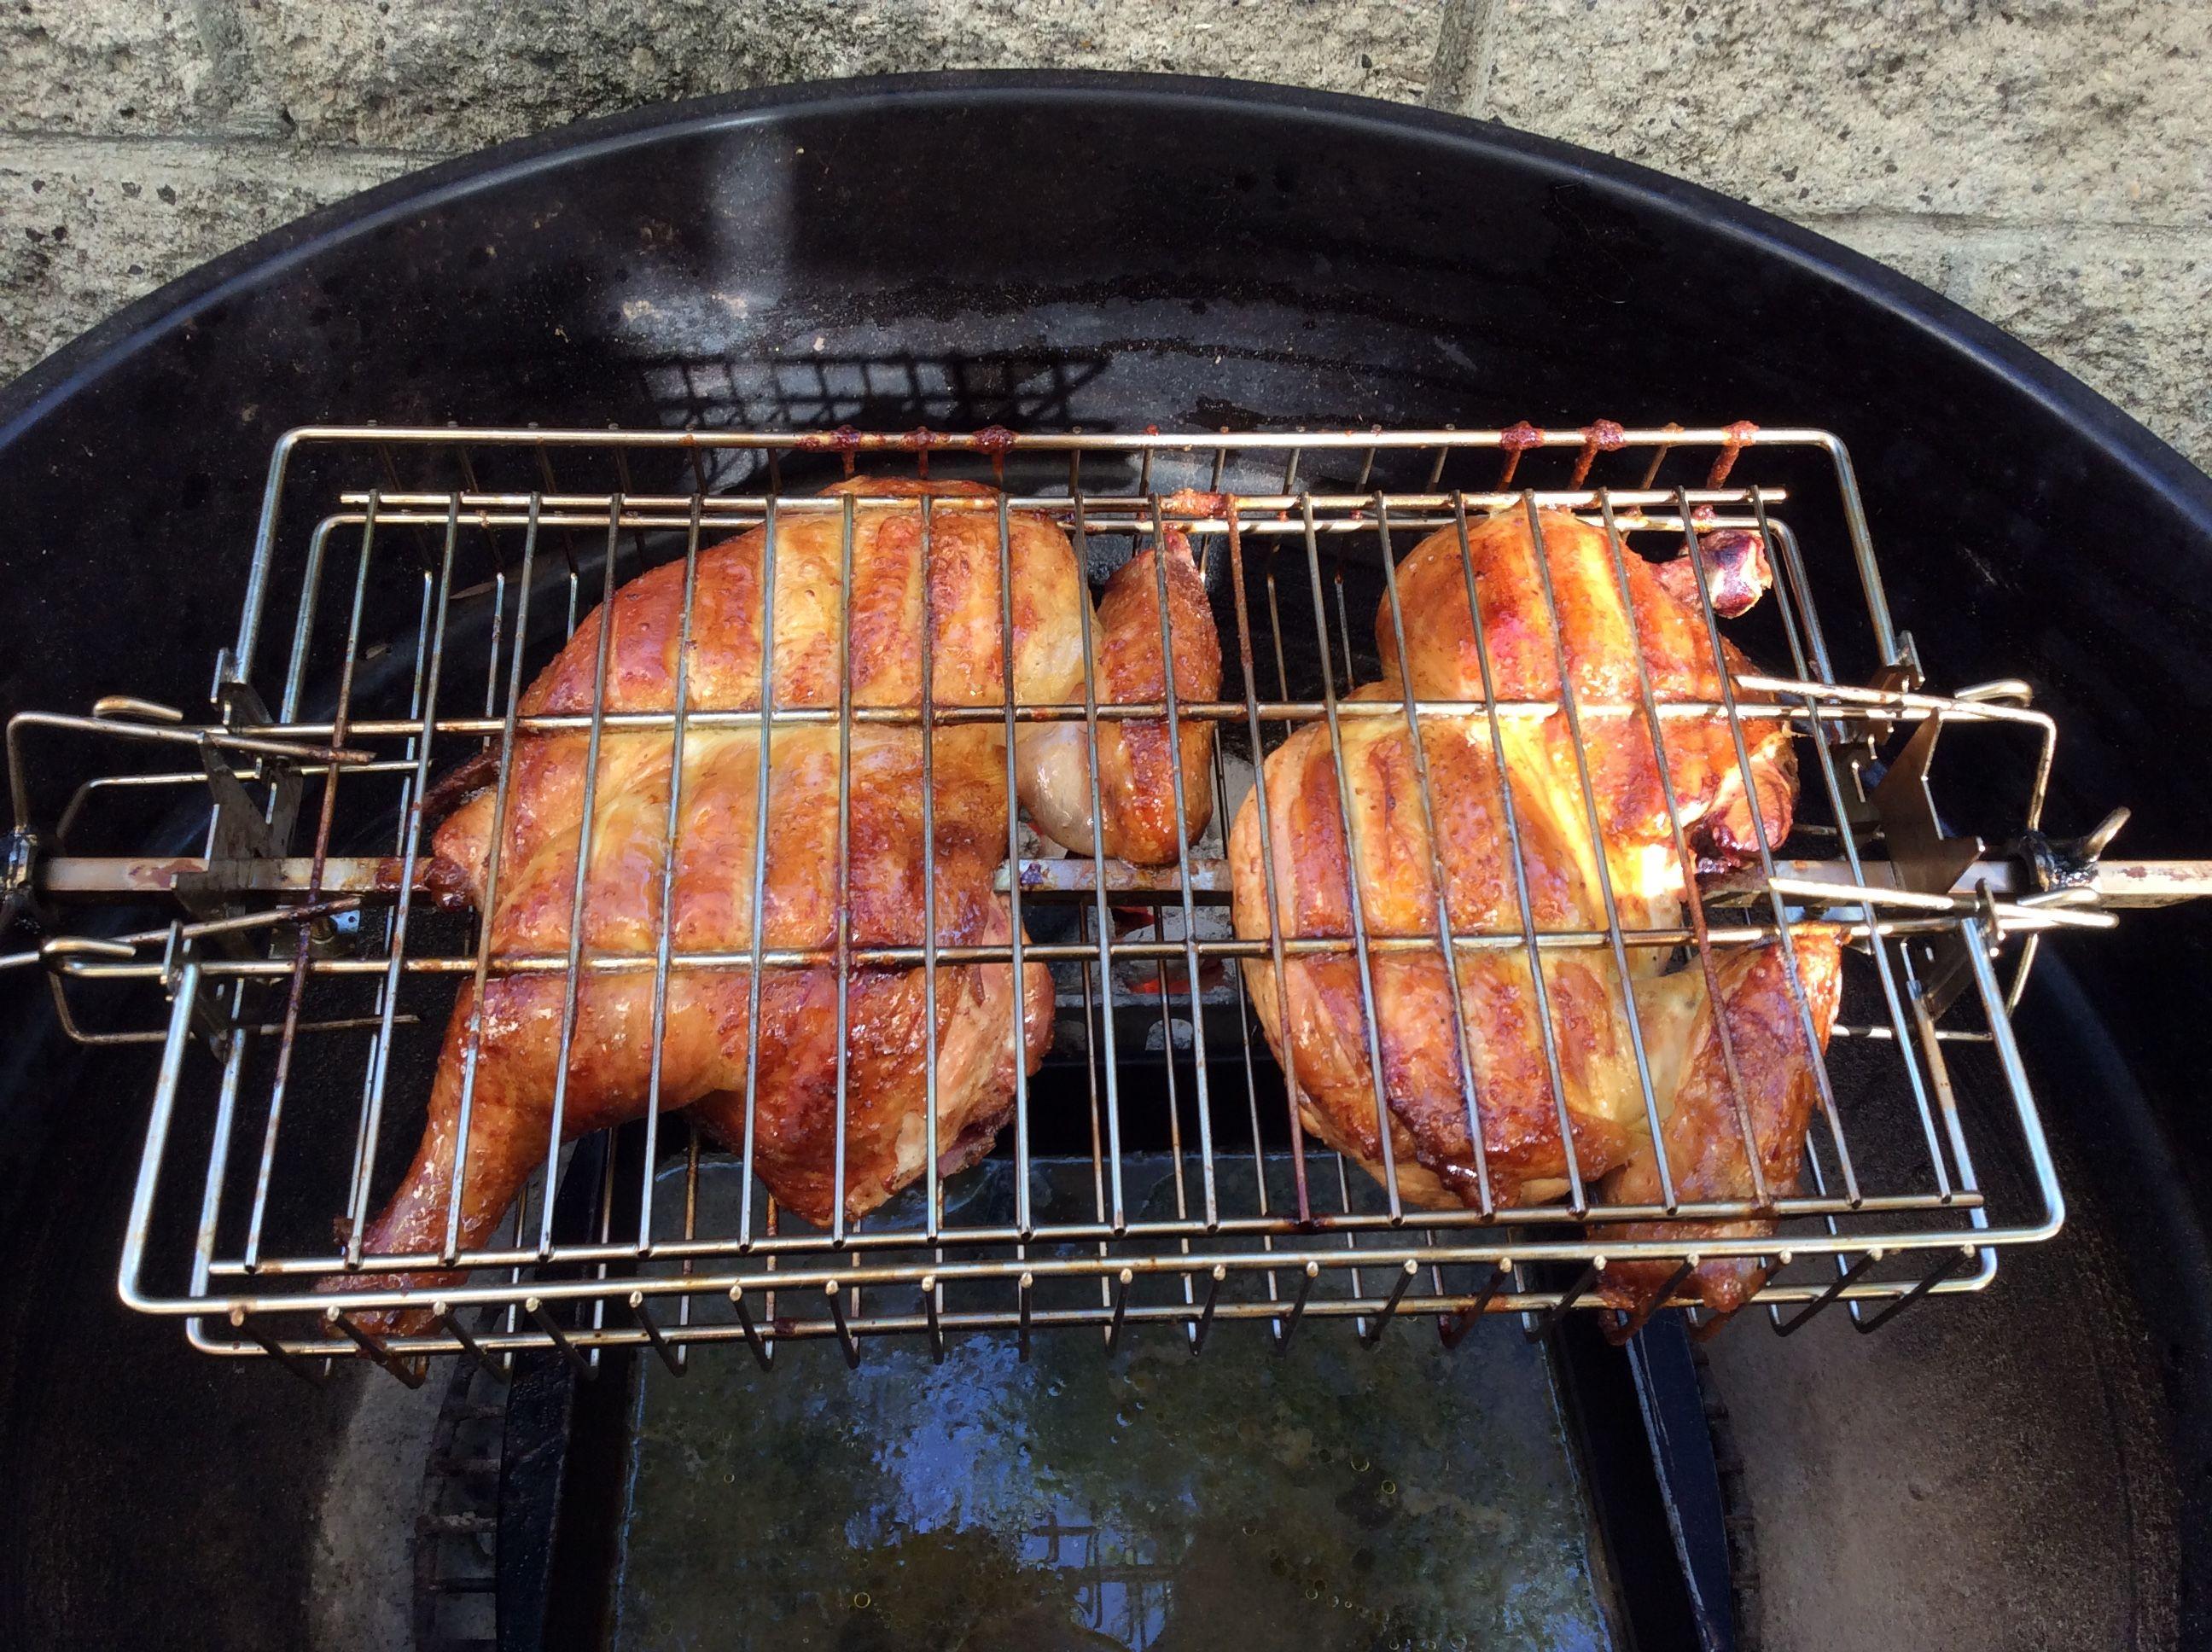 Cornell BBQ chicken in a rotisserie basket.